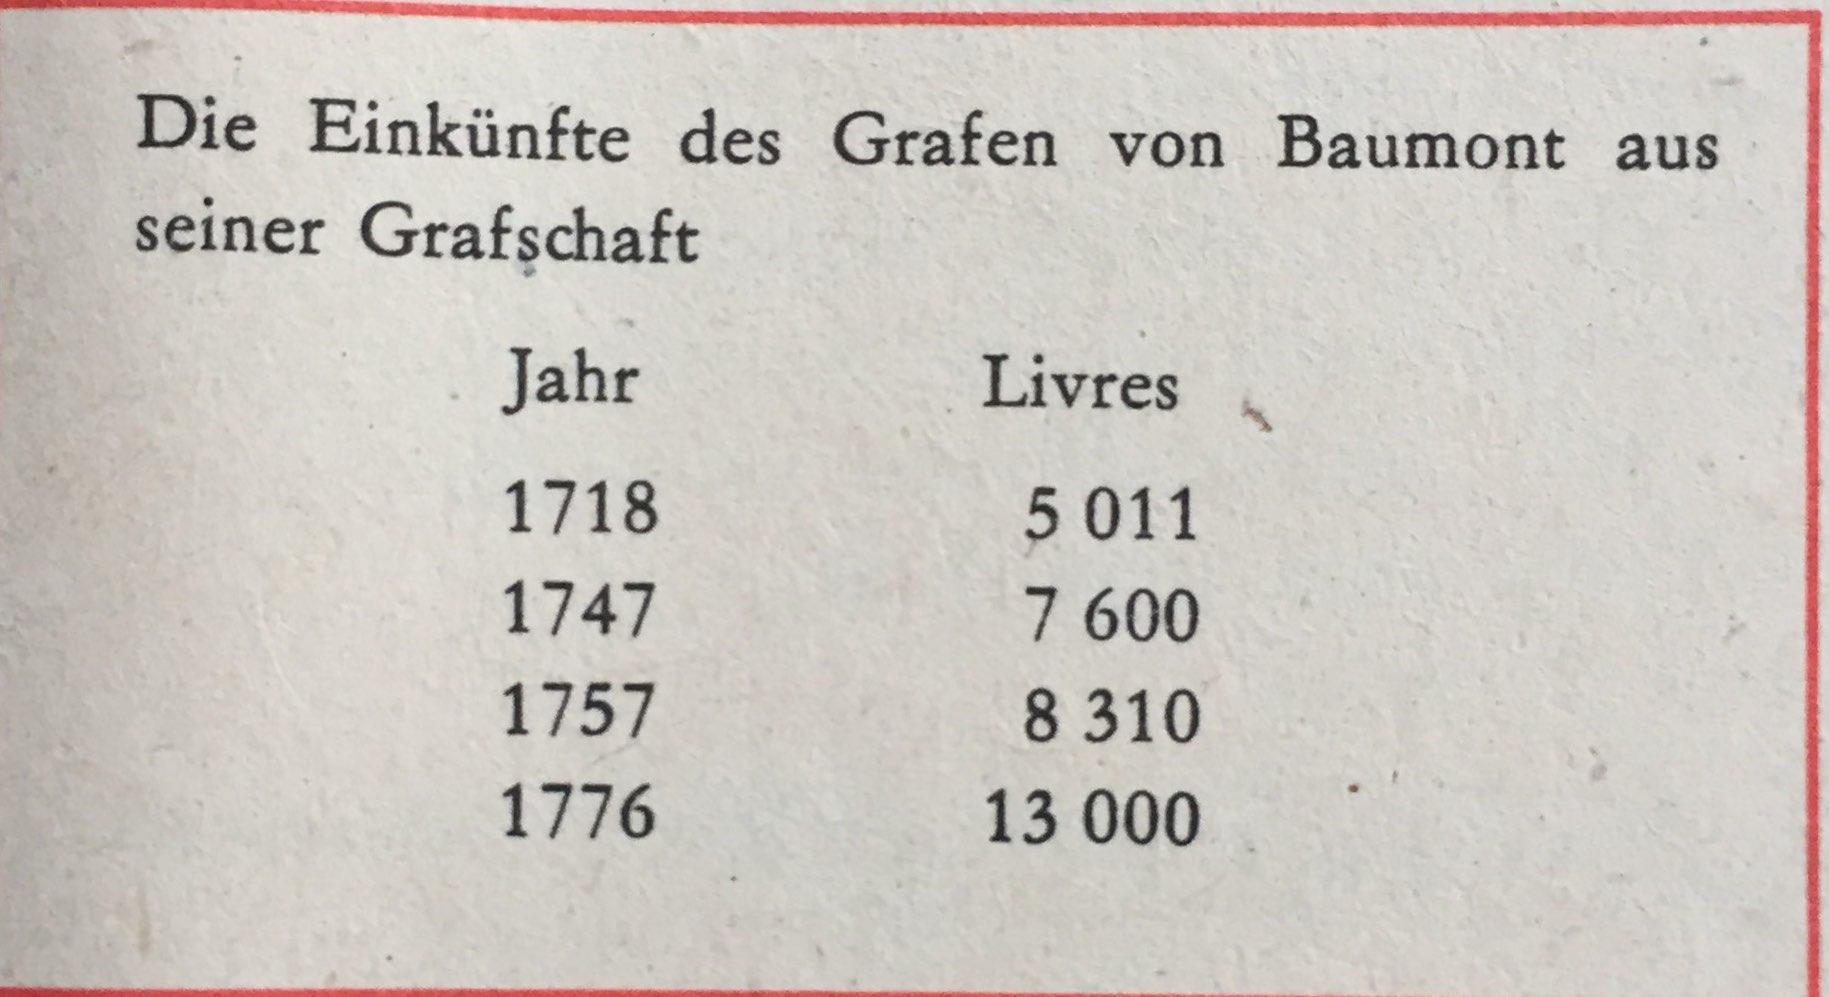 Grafeneinkünfte Baumont